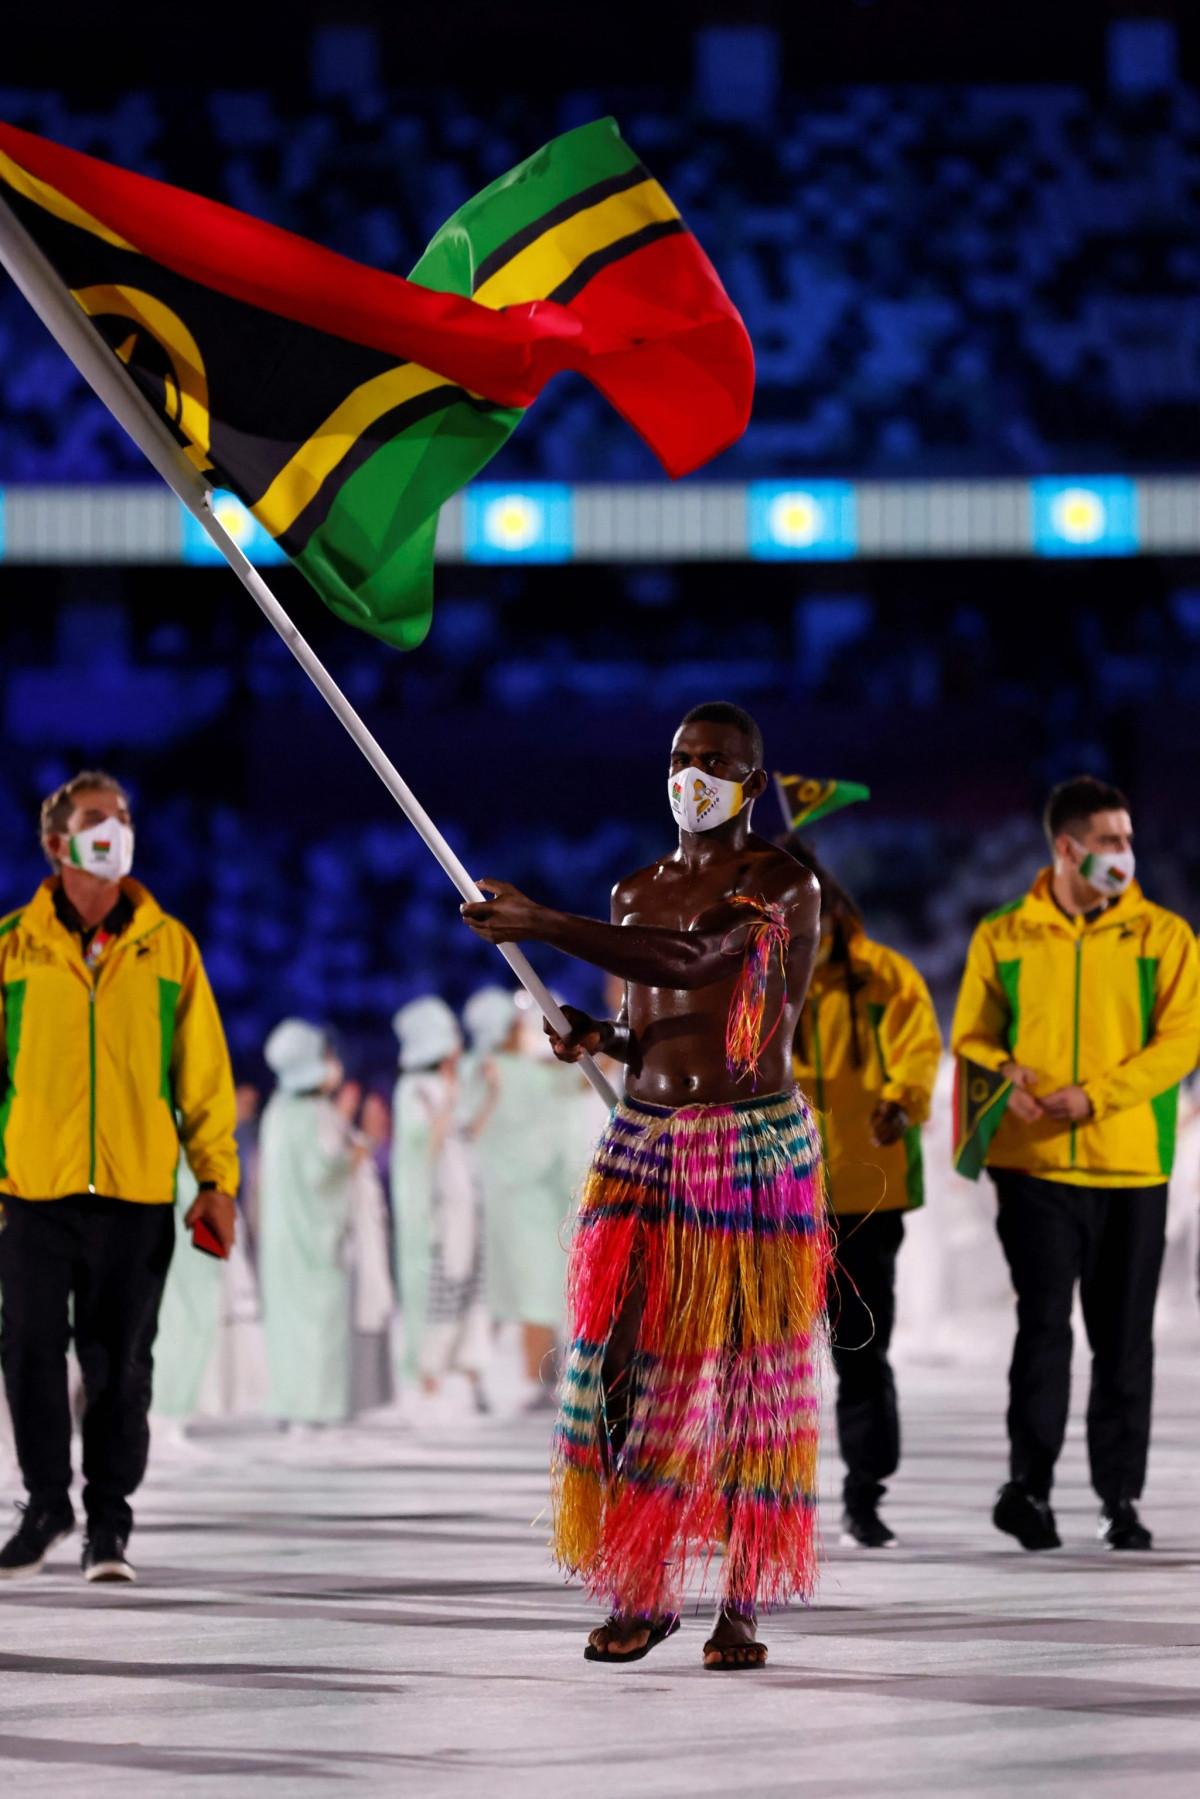 VĐV chèo thuyền Rio Rii cũng cởi trần, bôi dầu, mặc trang phục truyền thống Vanuatu diễu hành trong lễ khai mạc Olympic Tokyo.